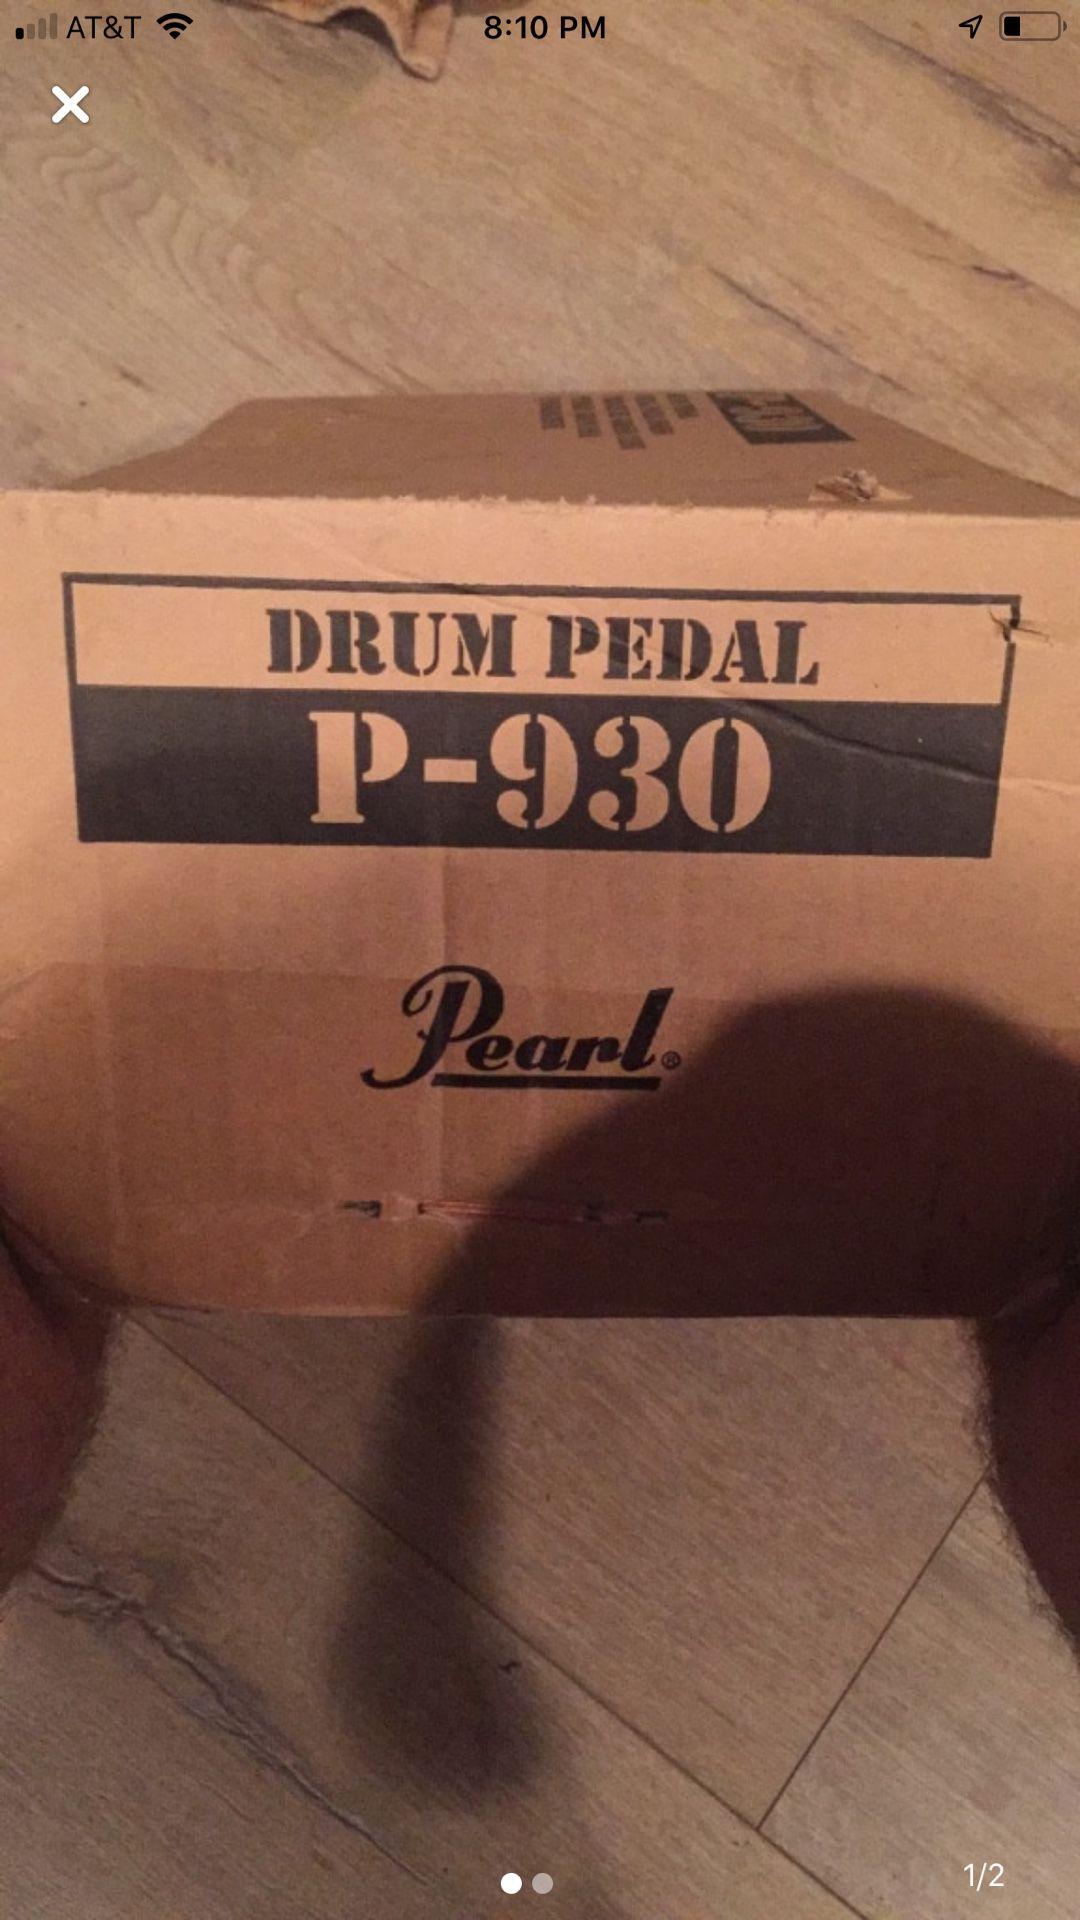 Pearl p930 drum pedal kick